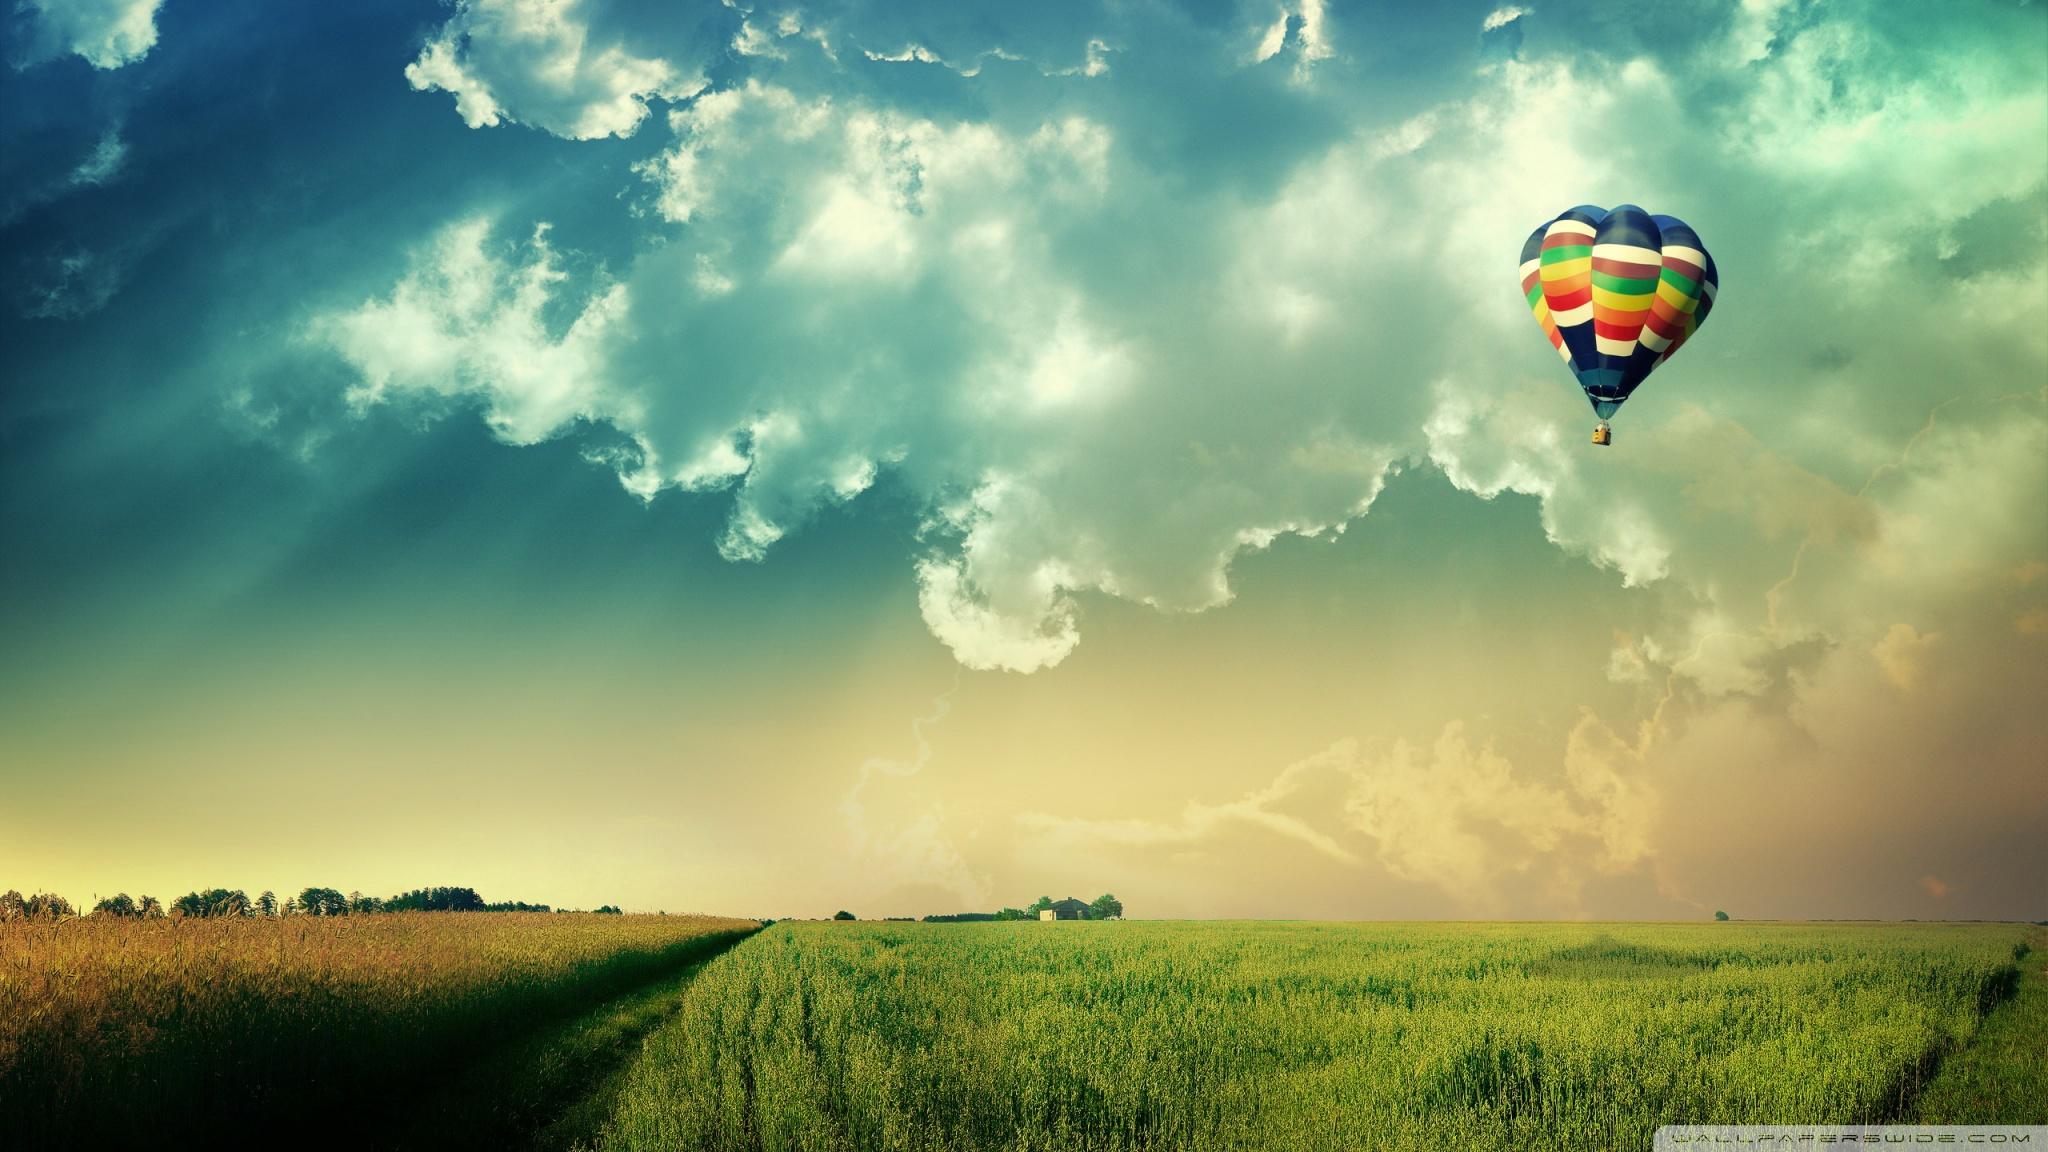 Hot Air Balloon wallpaper 2048x1152 51413